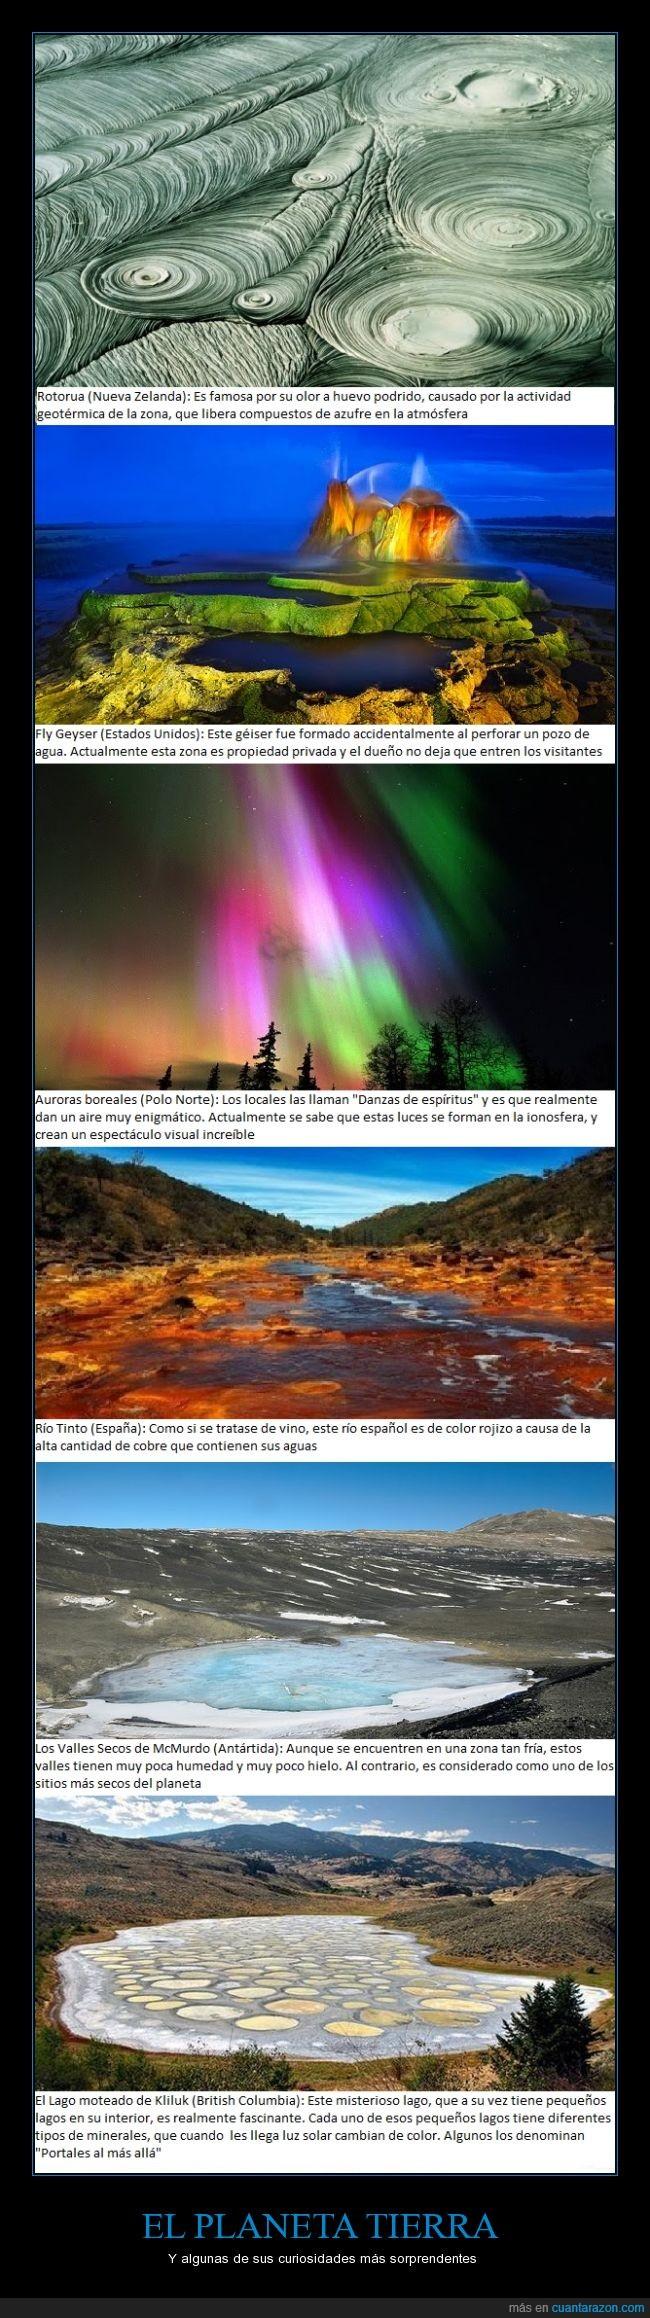 antartida,aurora,boreal,curioso,enigma,geyser,kliluk,lago,lagos,mola,nueva,planeta,secos,tierra,valles,zelanda